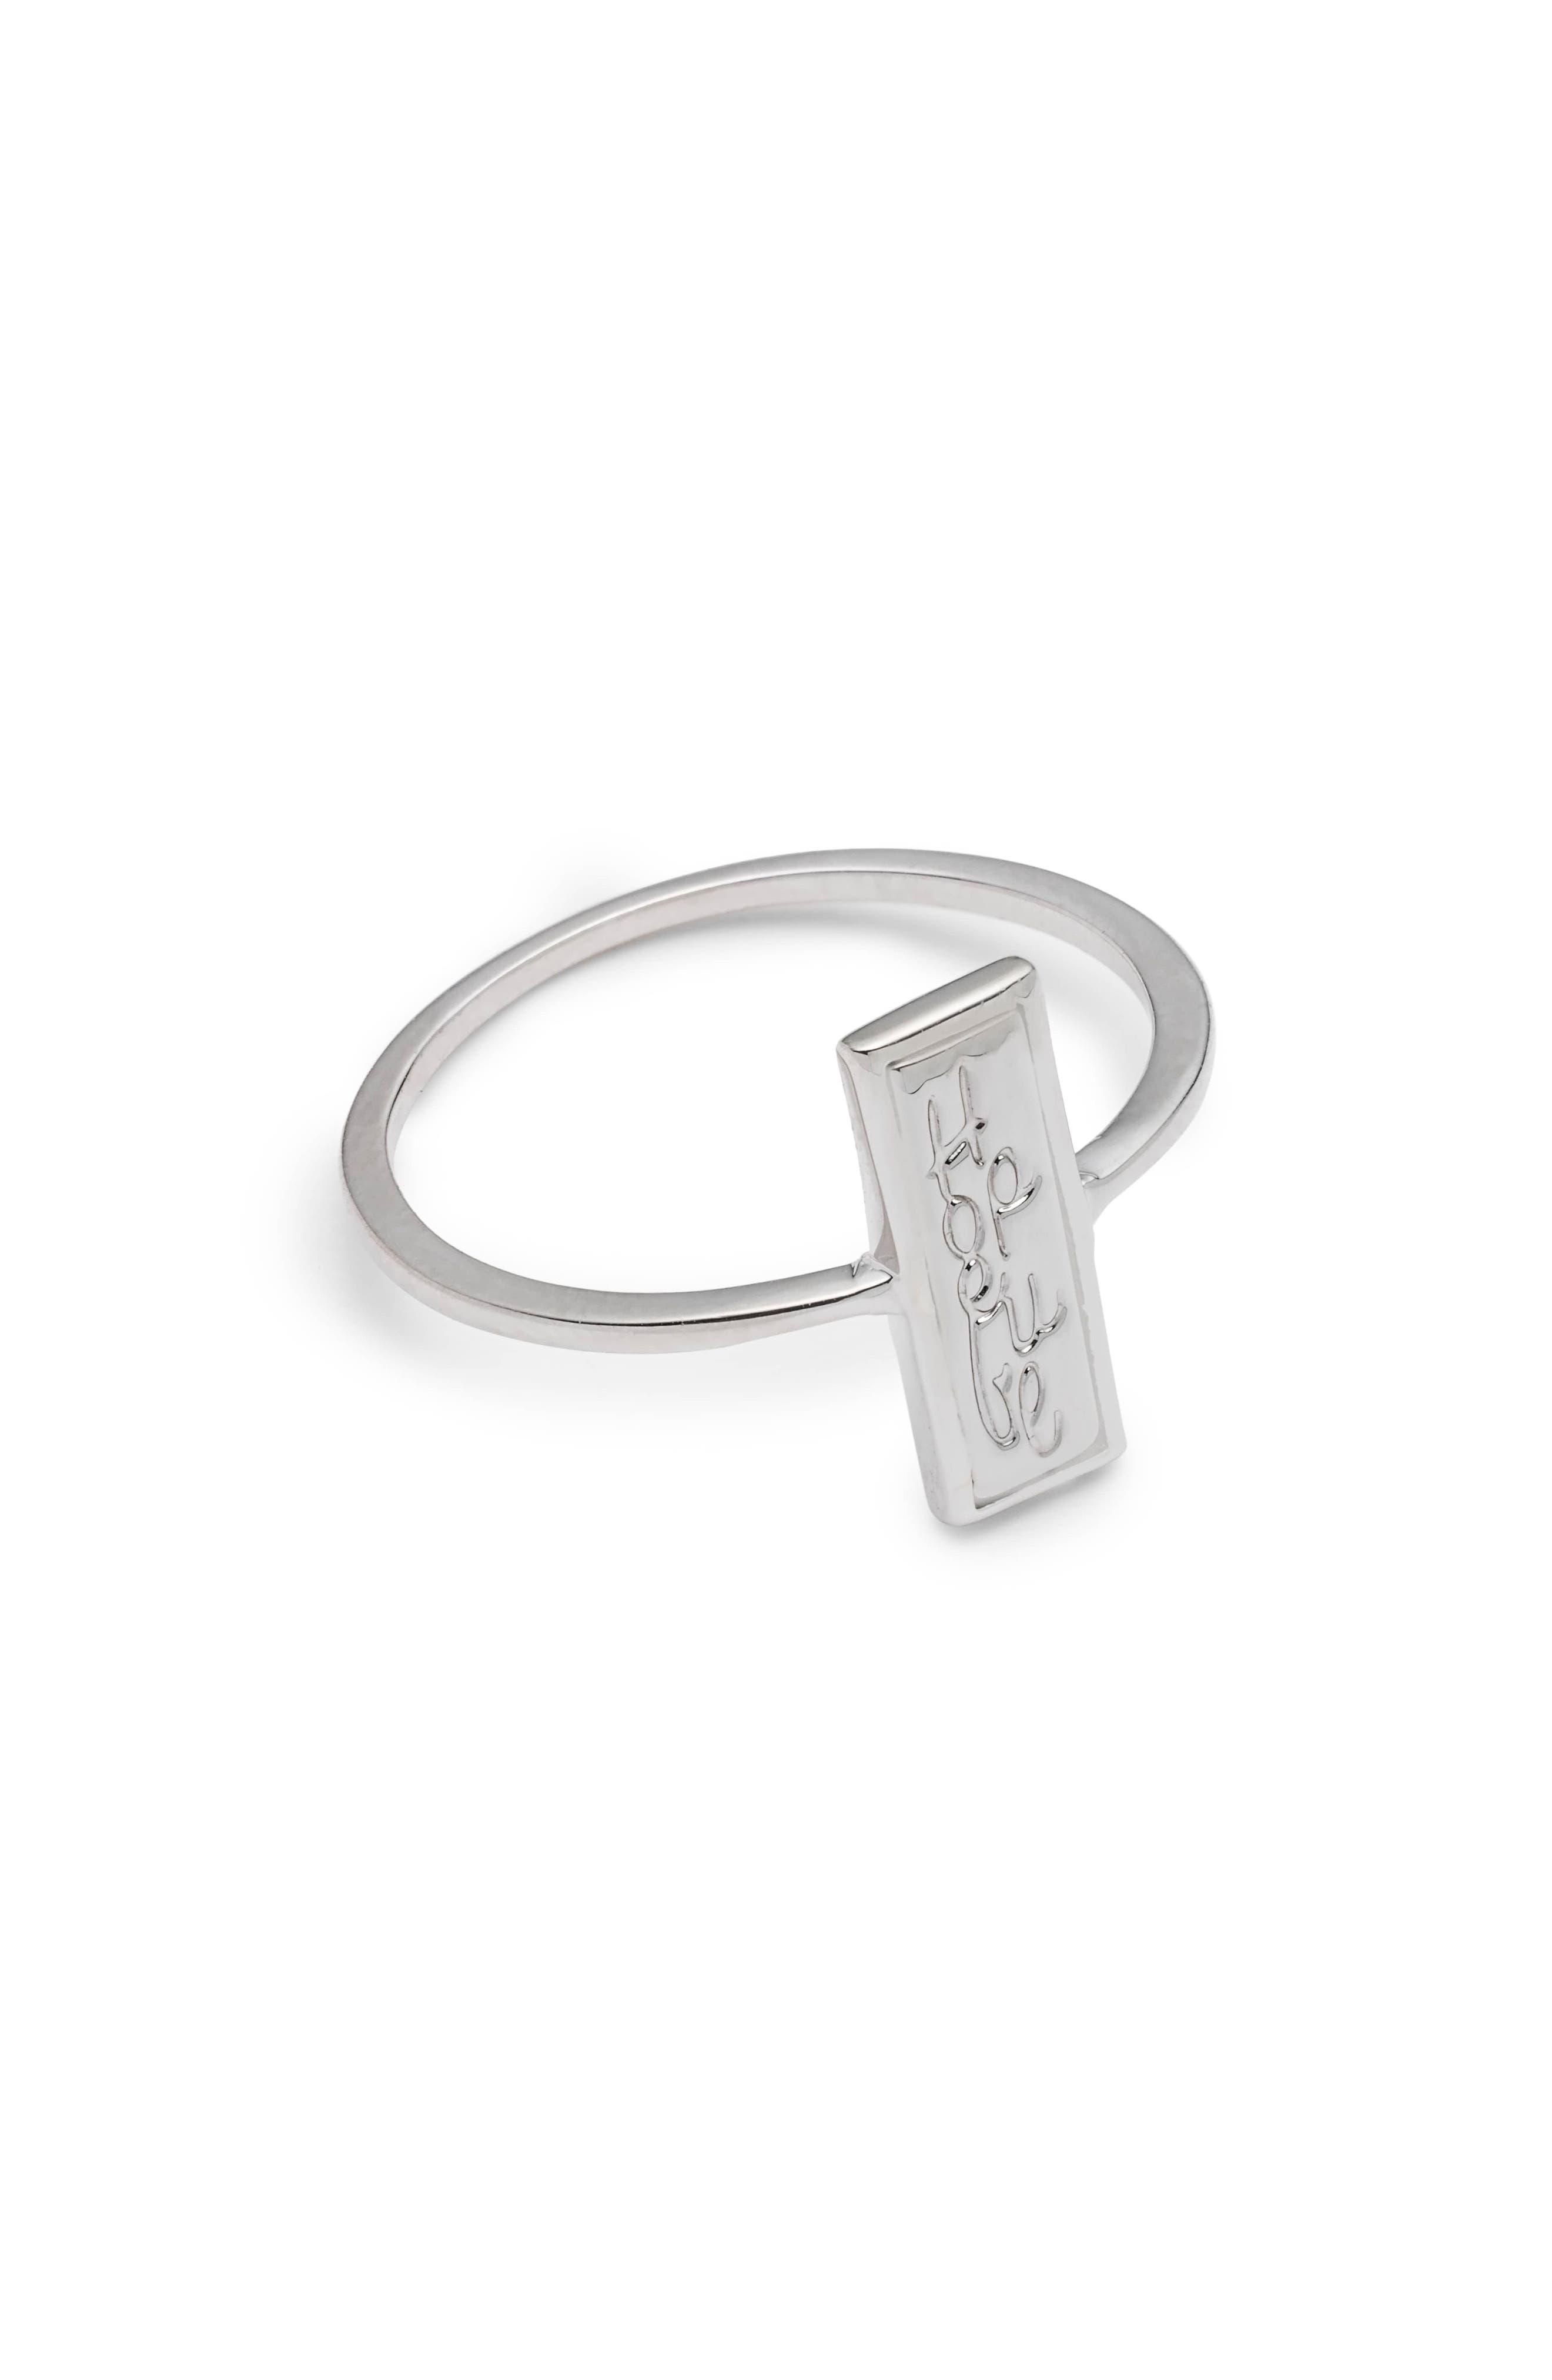 Hopeful Ring,                             Main thumbnail 1, color,                             040